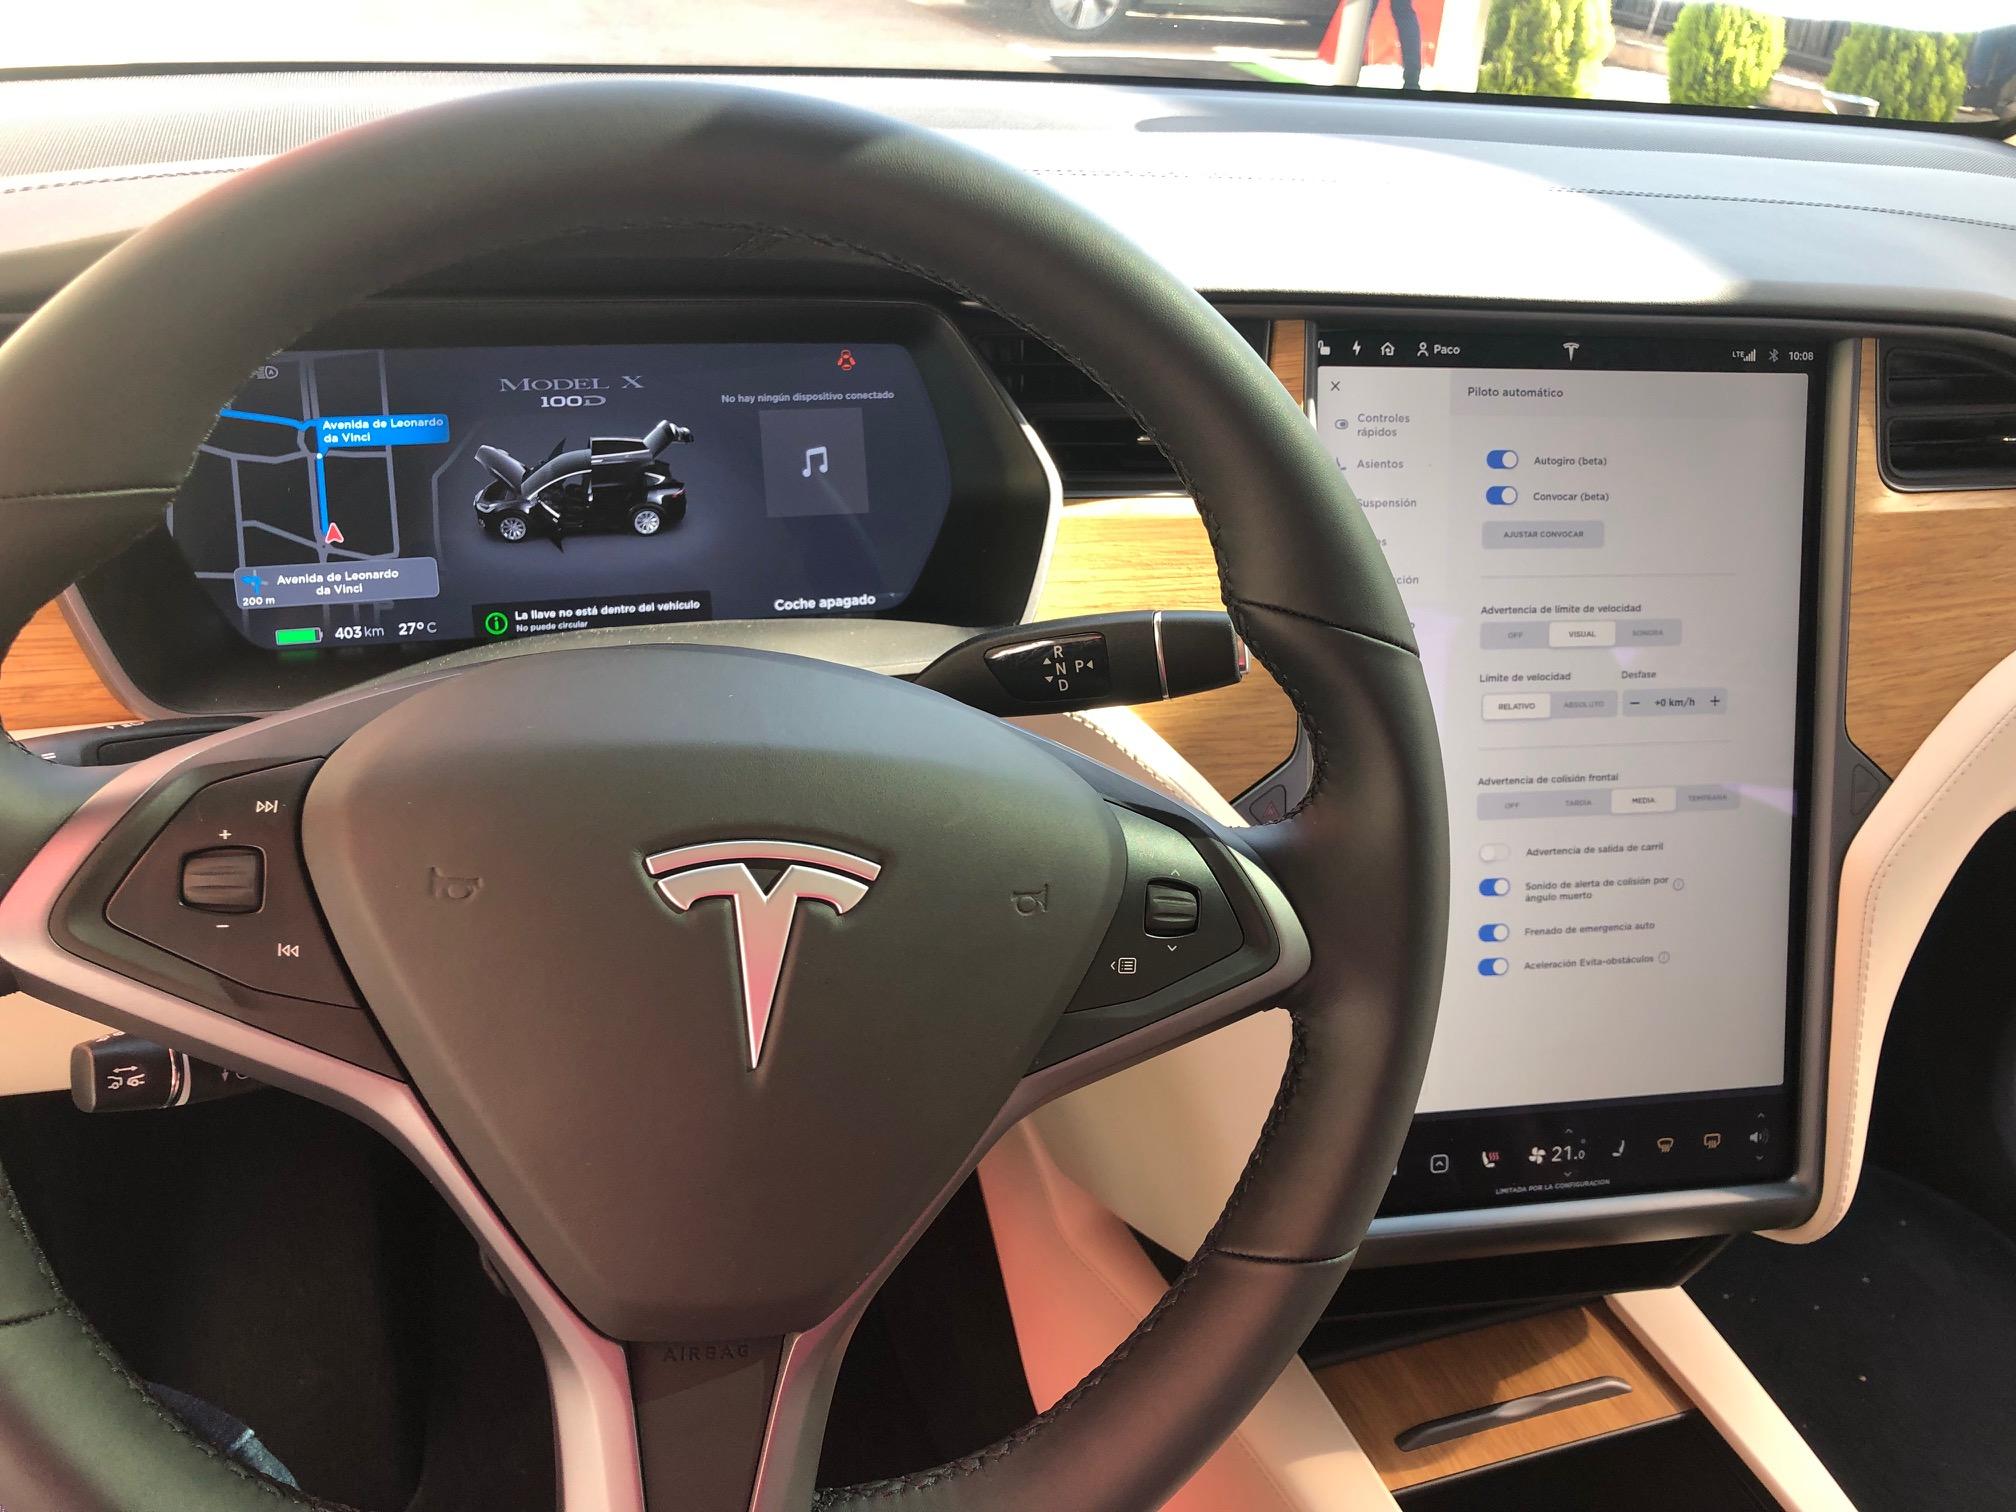 El 73% de los gestores de flota considera que en 2030 los vehículos para los desplazamientos profesionales serán eléctricos